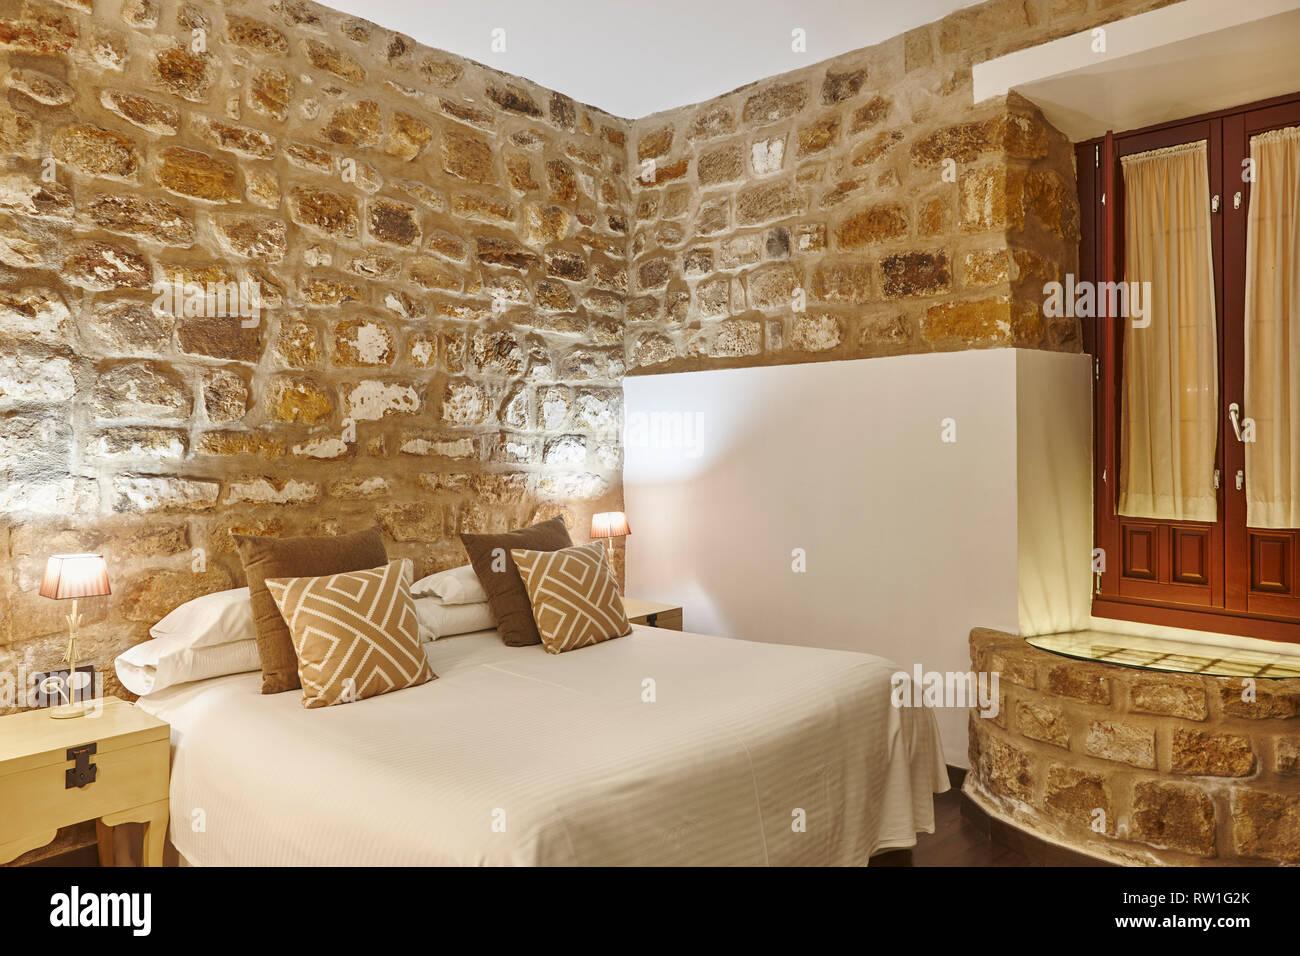 Camera da letto con pareti di pietra. Hotel moderno e confortevole ...